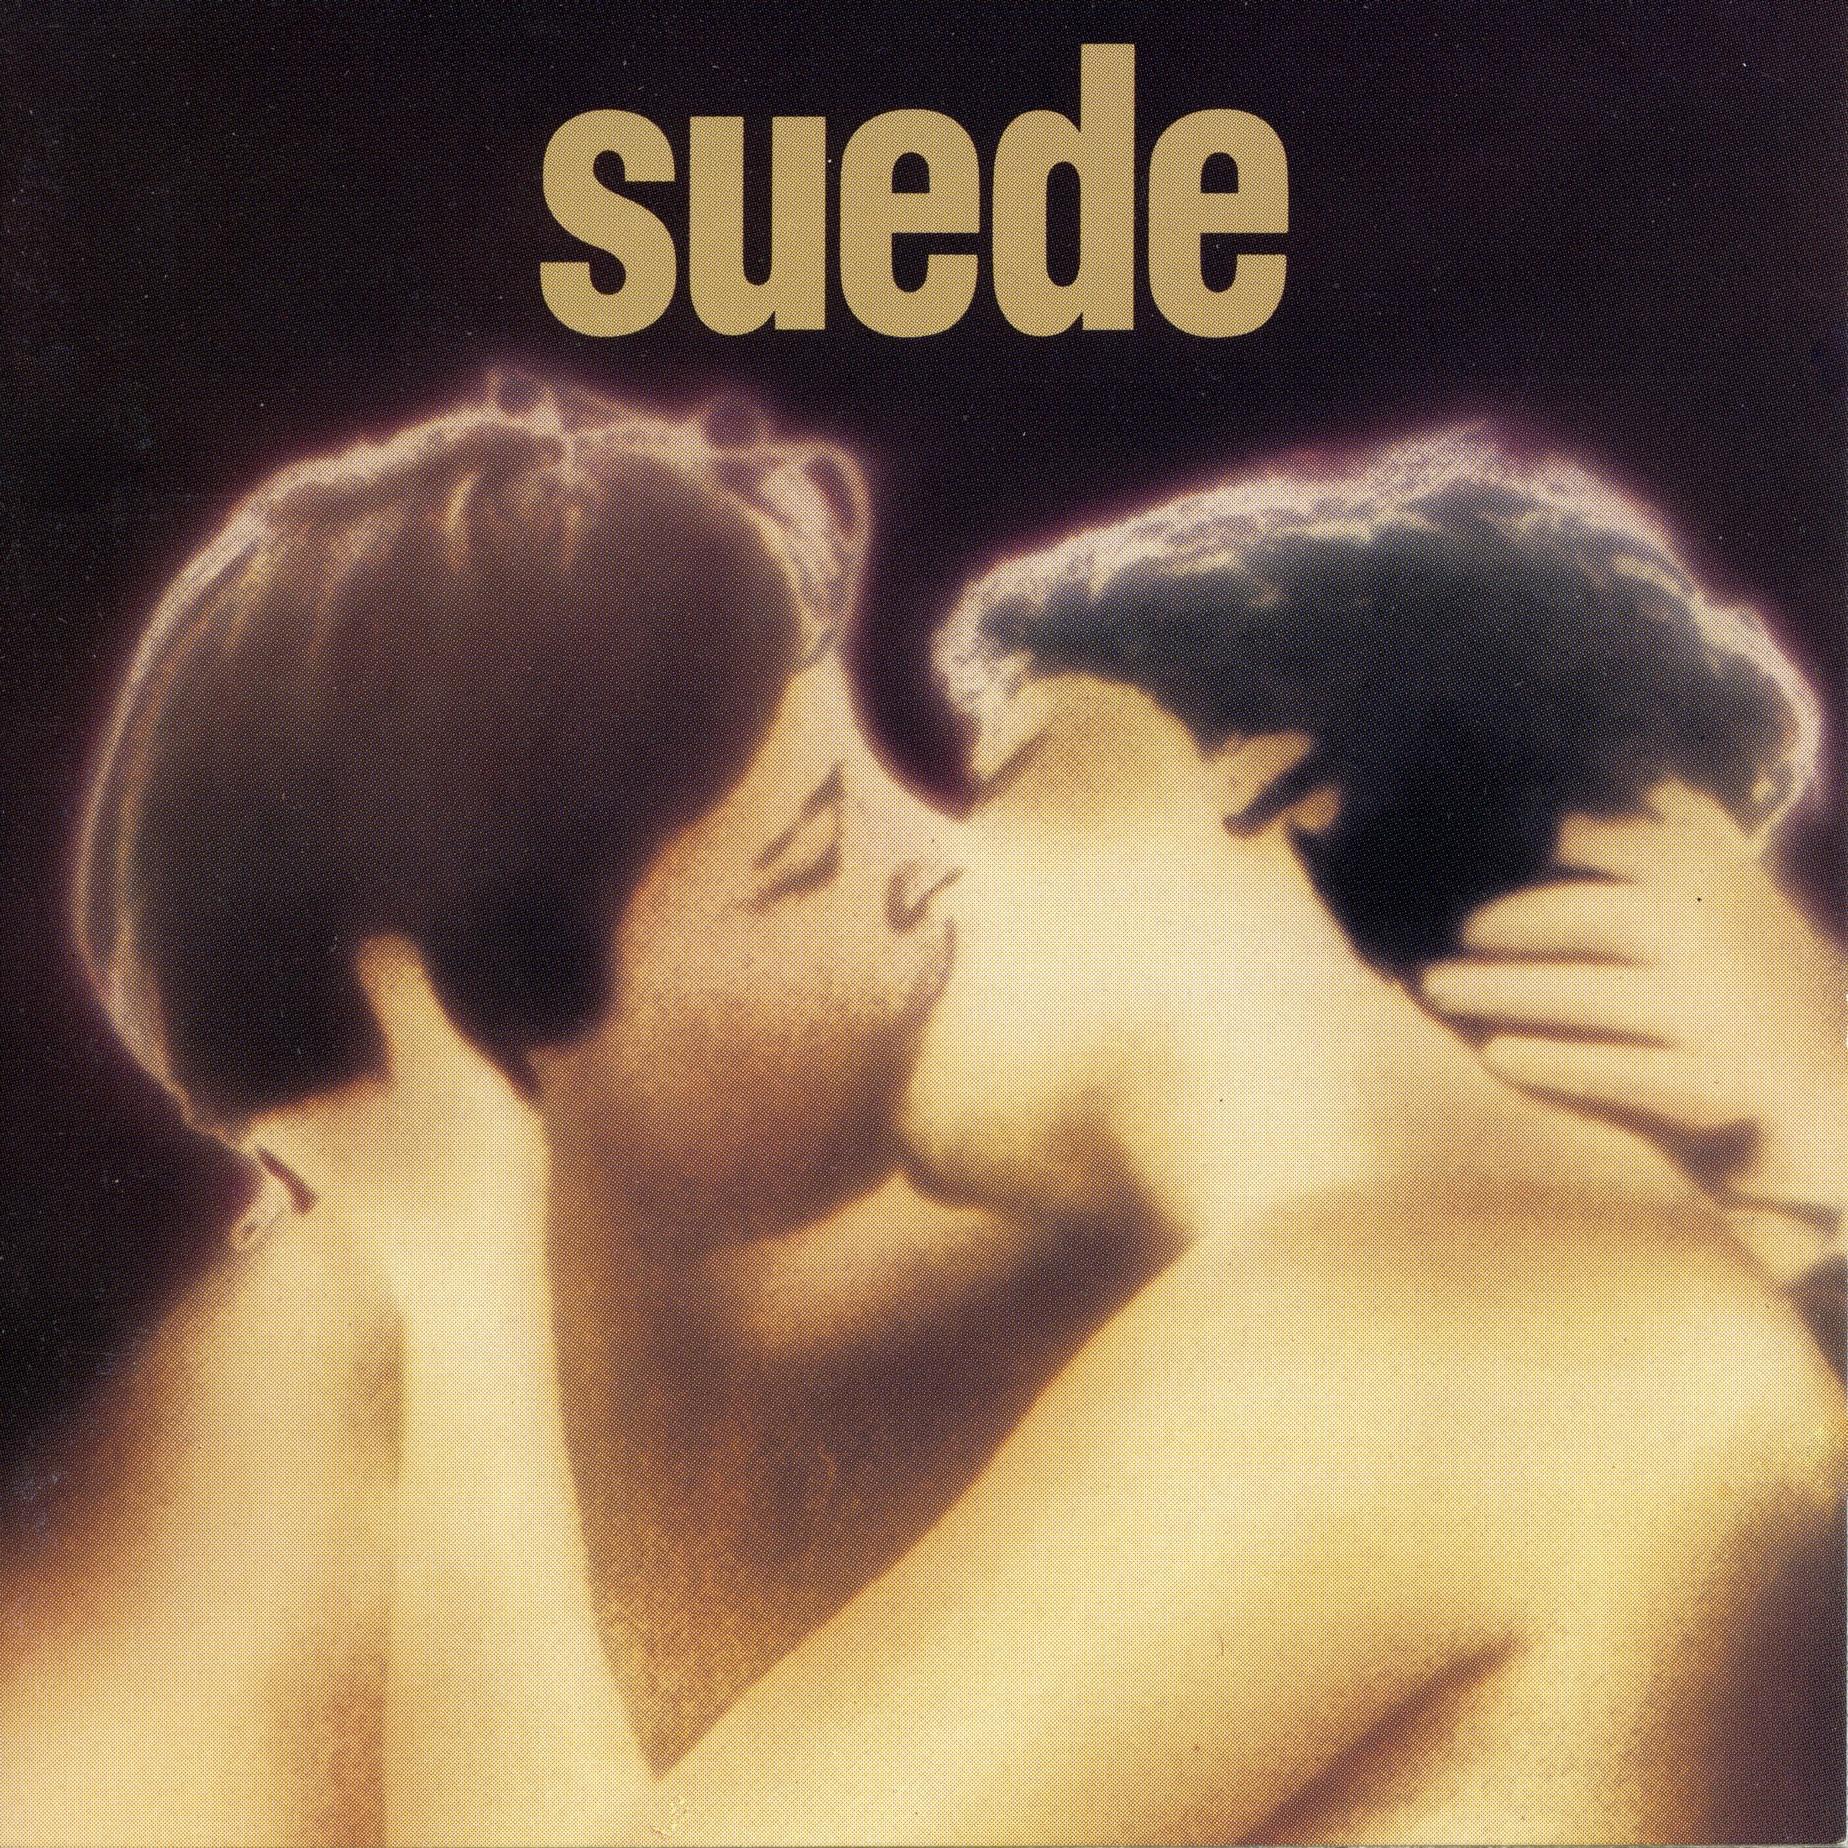 1993 - Suede